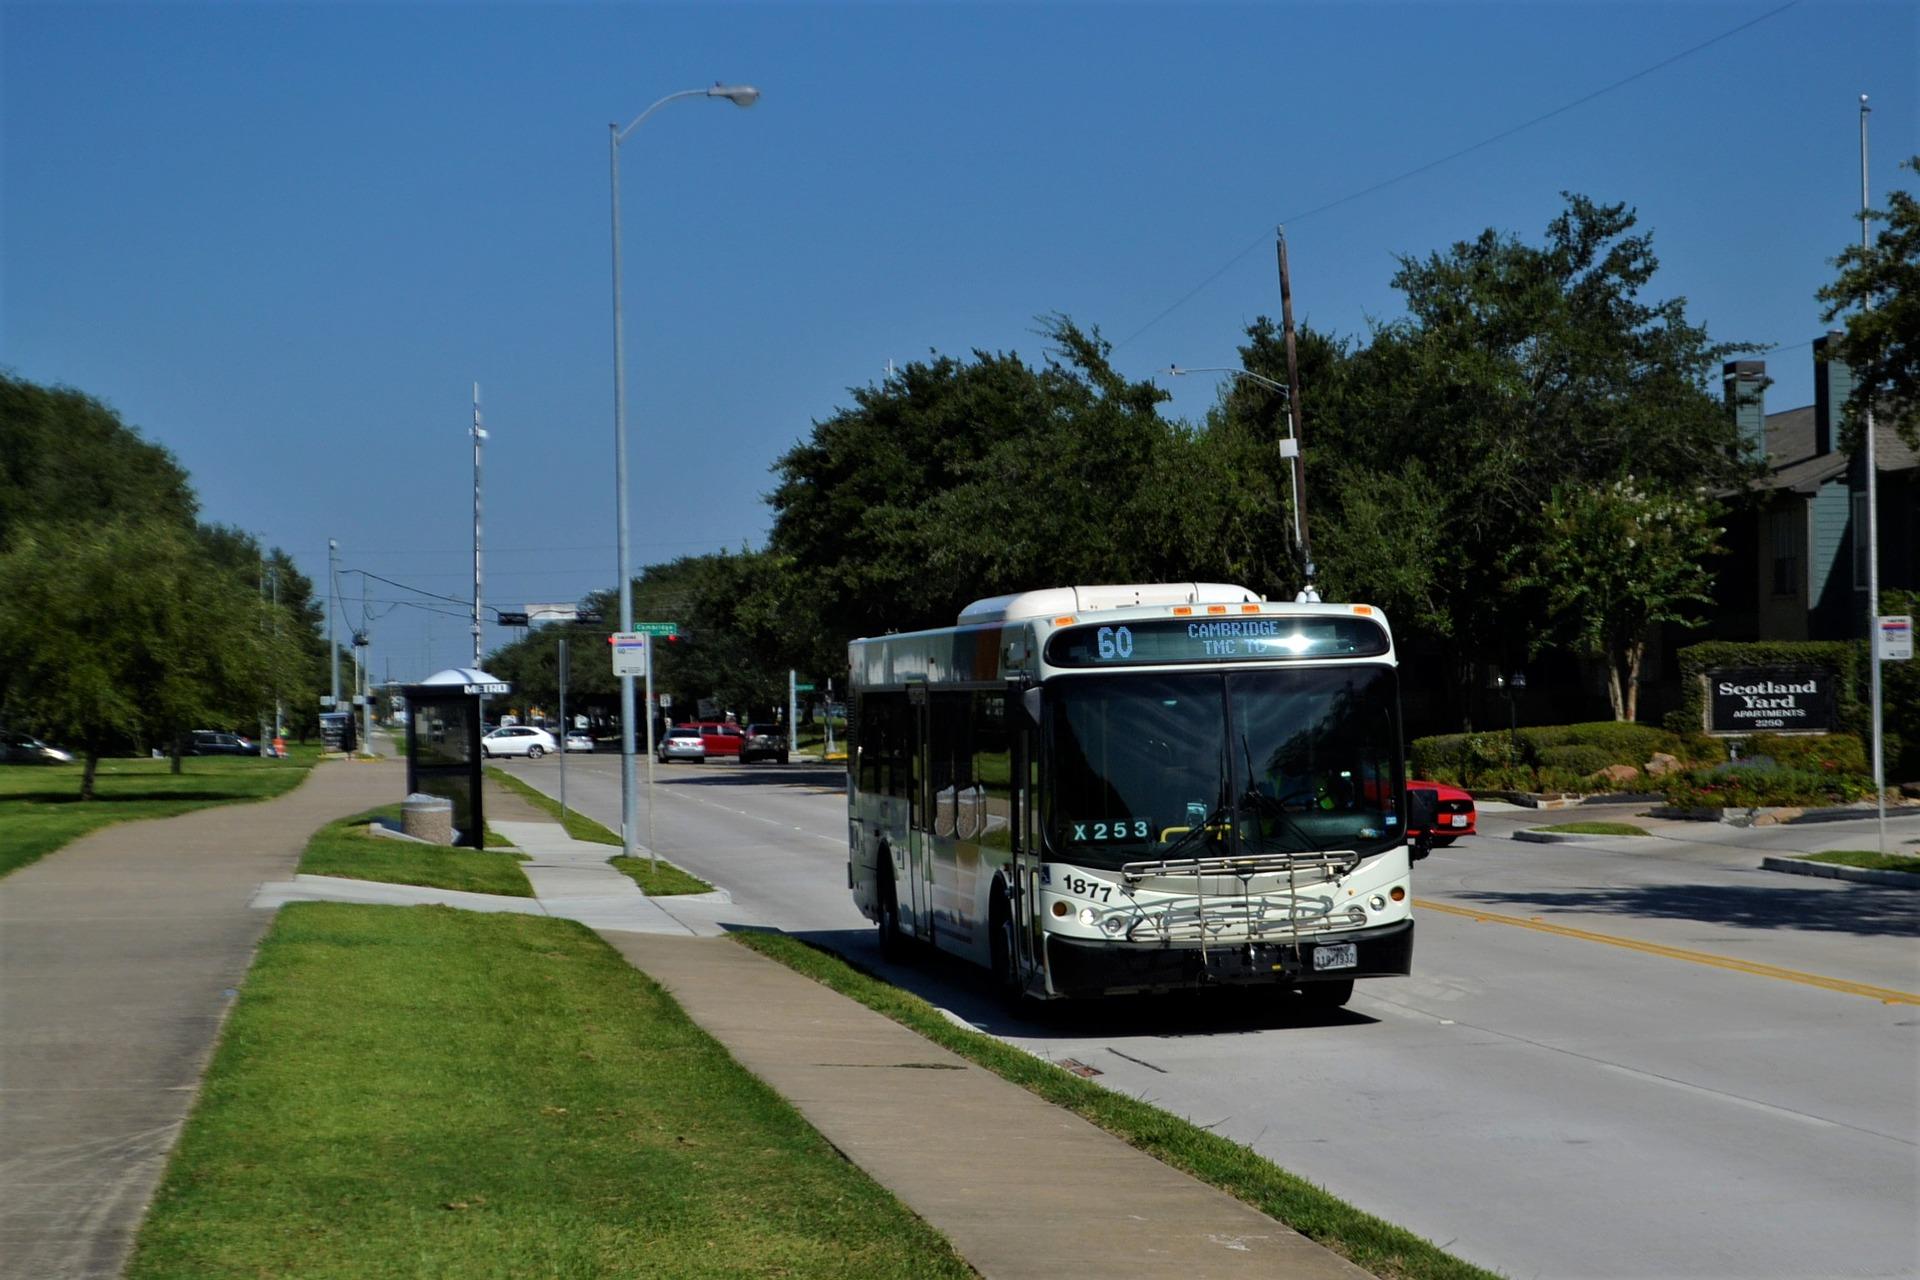 houston-texas-metro-bus-2732369_1920